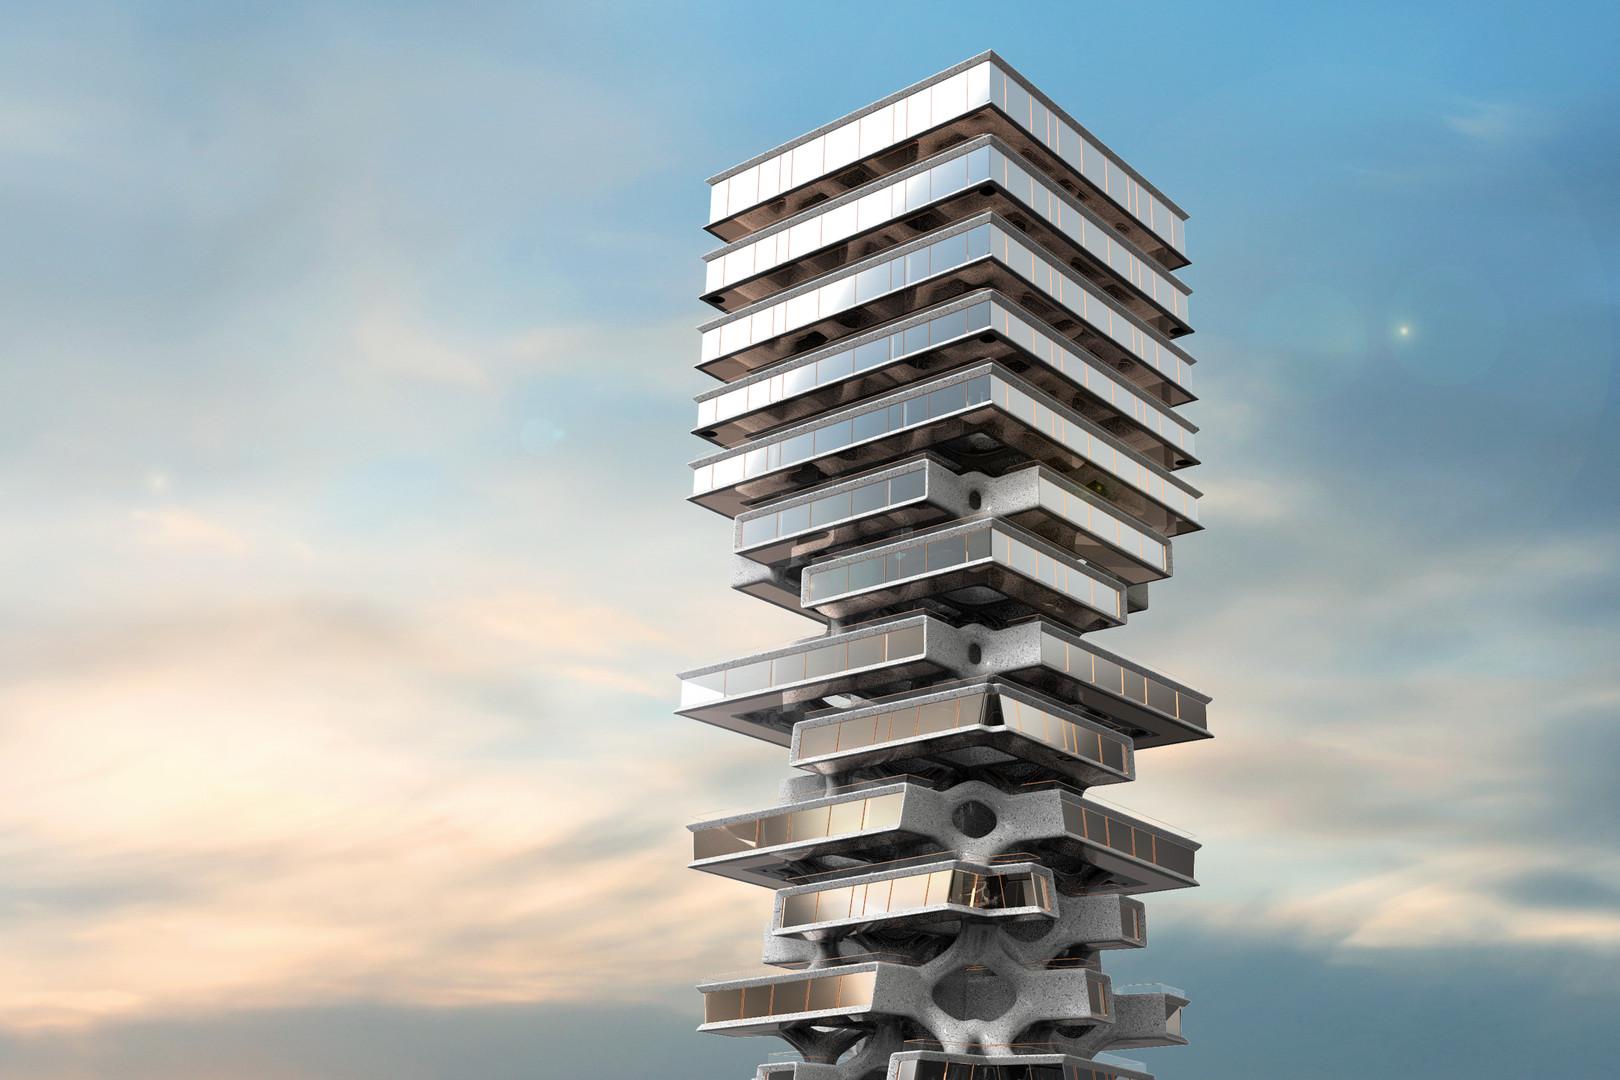 toptower.jpg